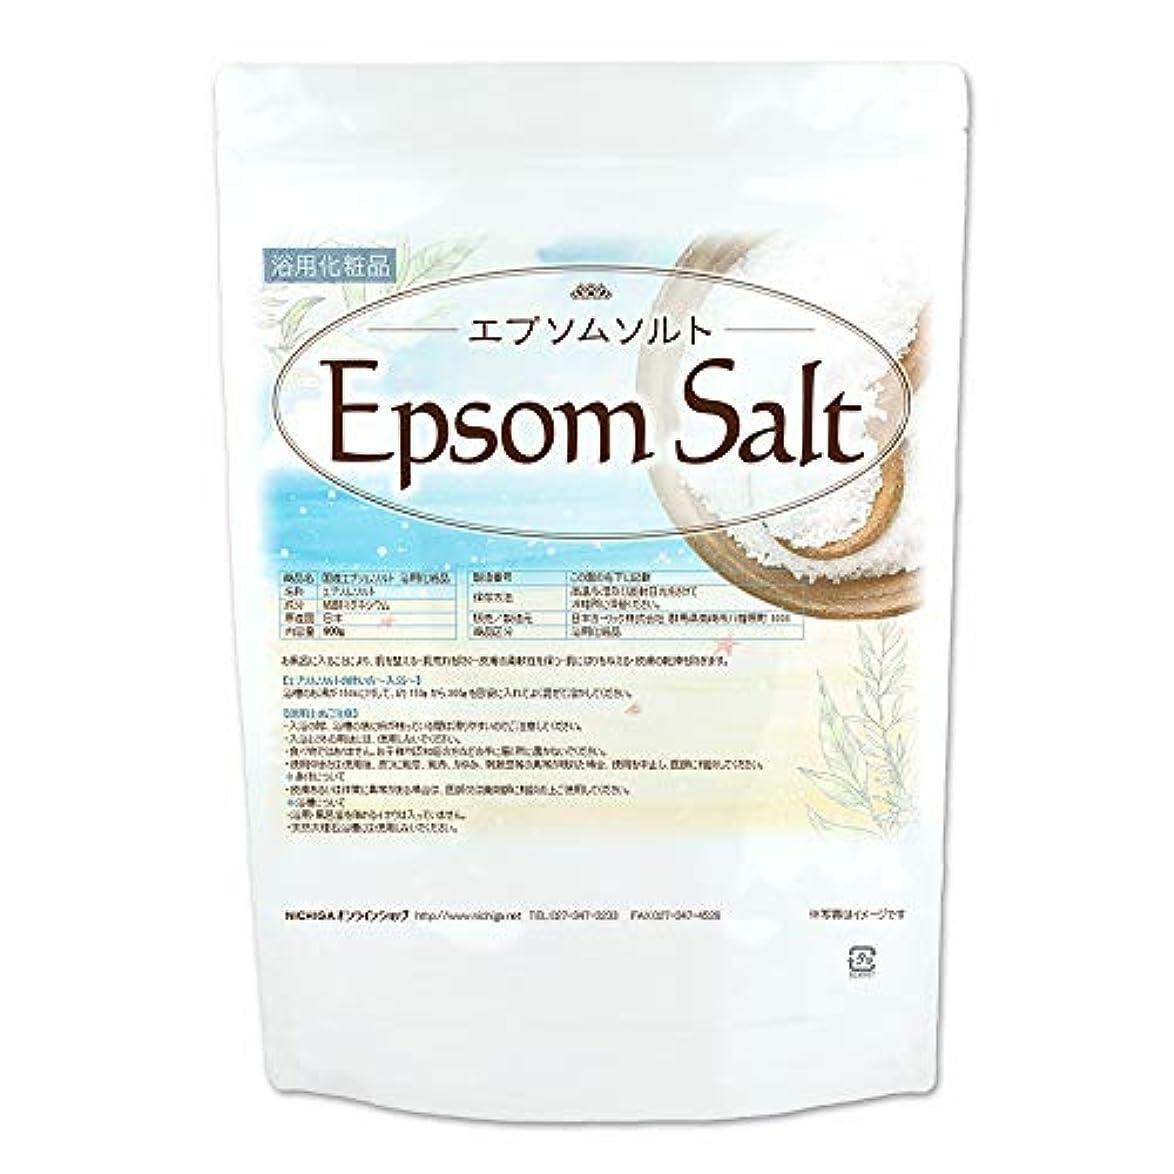 セメント収束する悪因子エプソムソルト 900g(Epsom Salt)浴用化粧品 [01] 国産原料 NICHIGA(ニチガ)